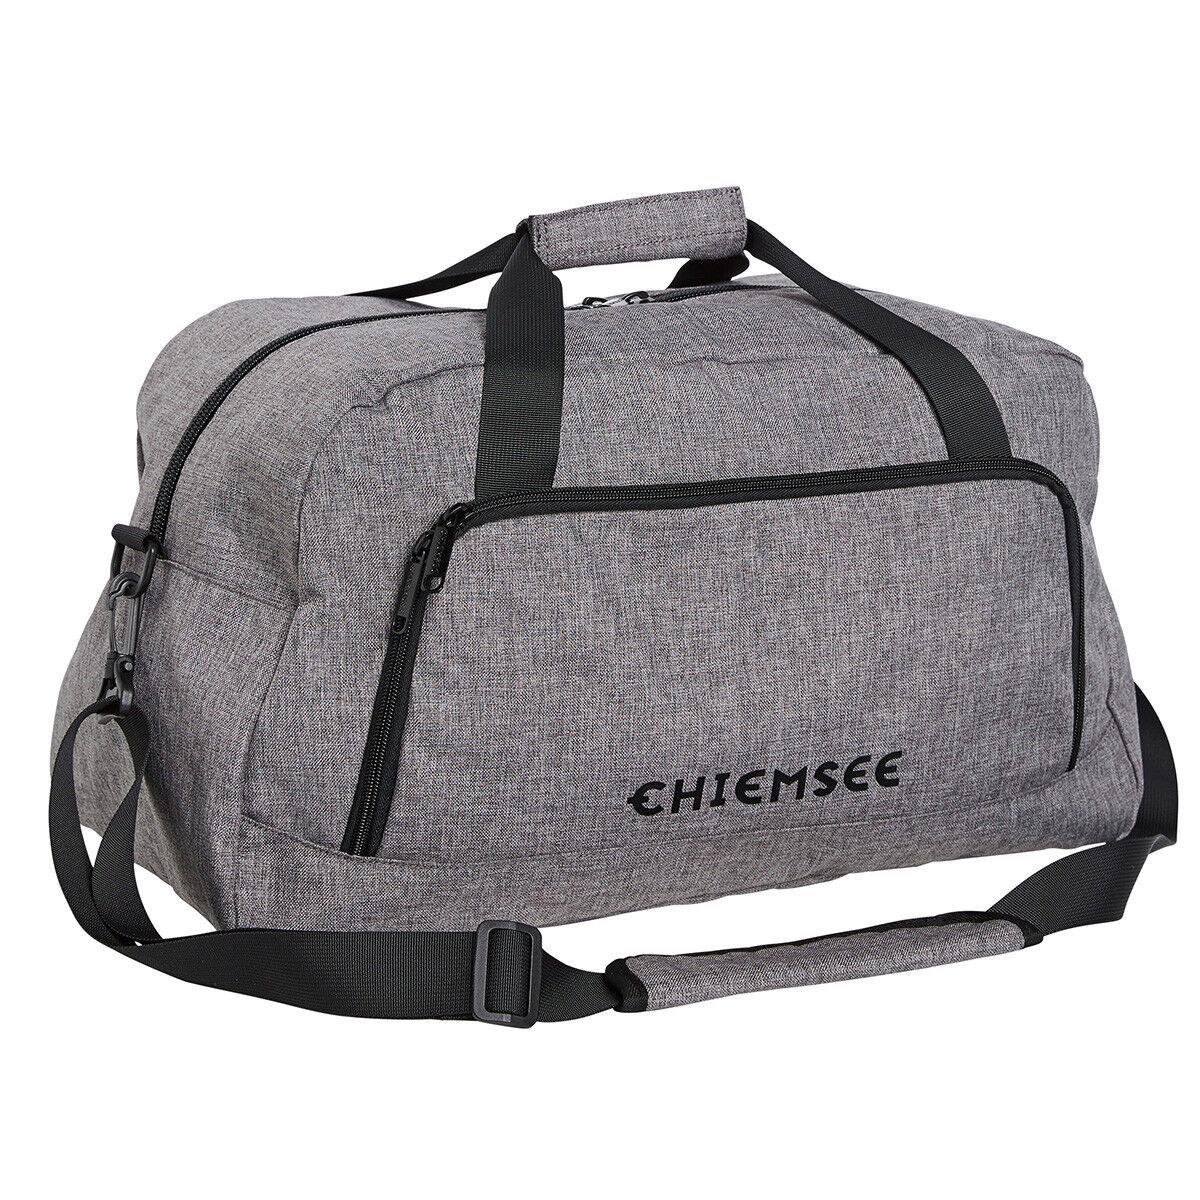 Chiemsee Weekender Fitnesstasche Reisetasche Sporttasche Fitnesstasche Weekender Travek Bag 5061004 3fafd5